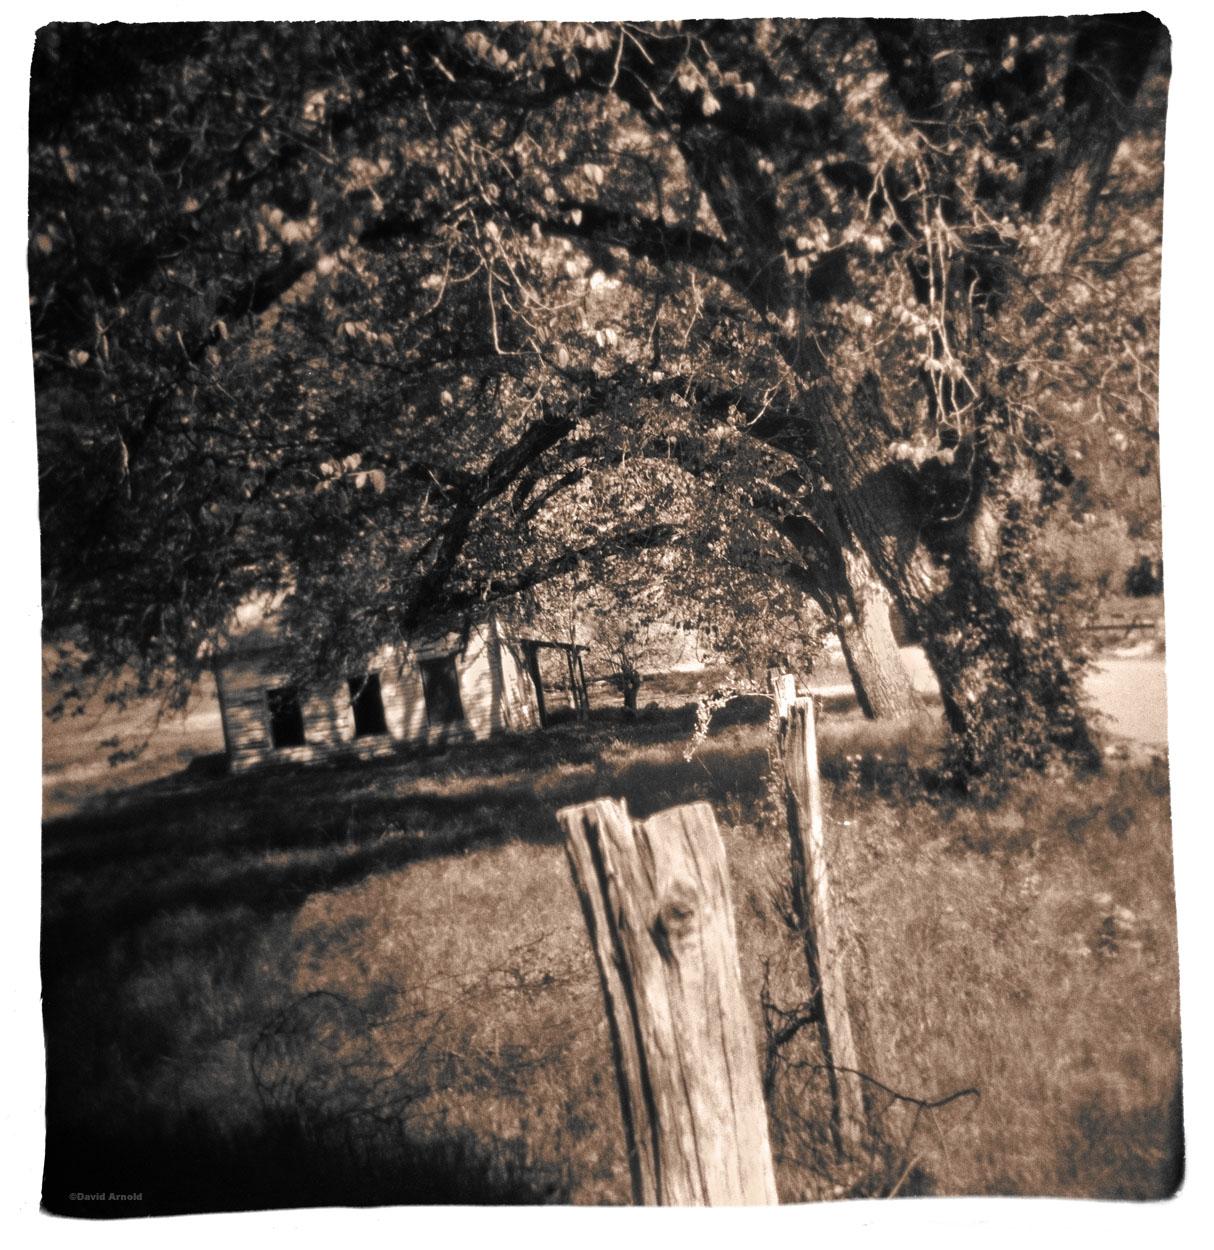 Fence Post, Tree, House, Helena, Trinity County, California